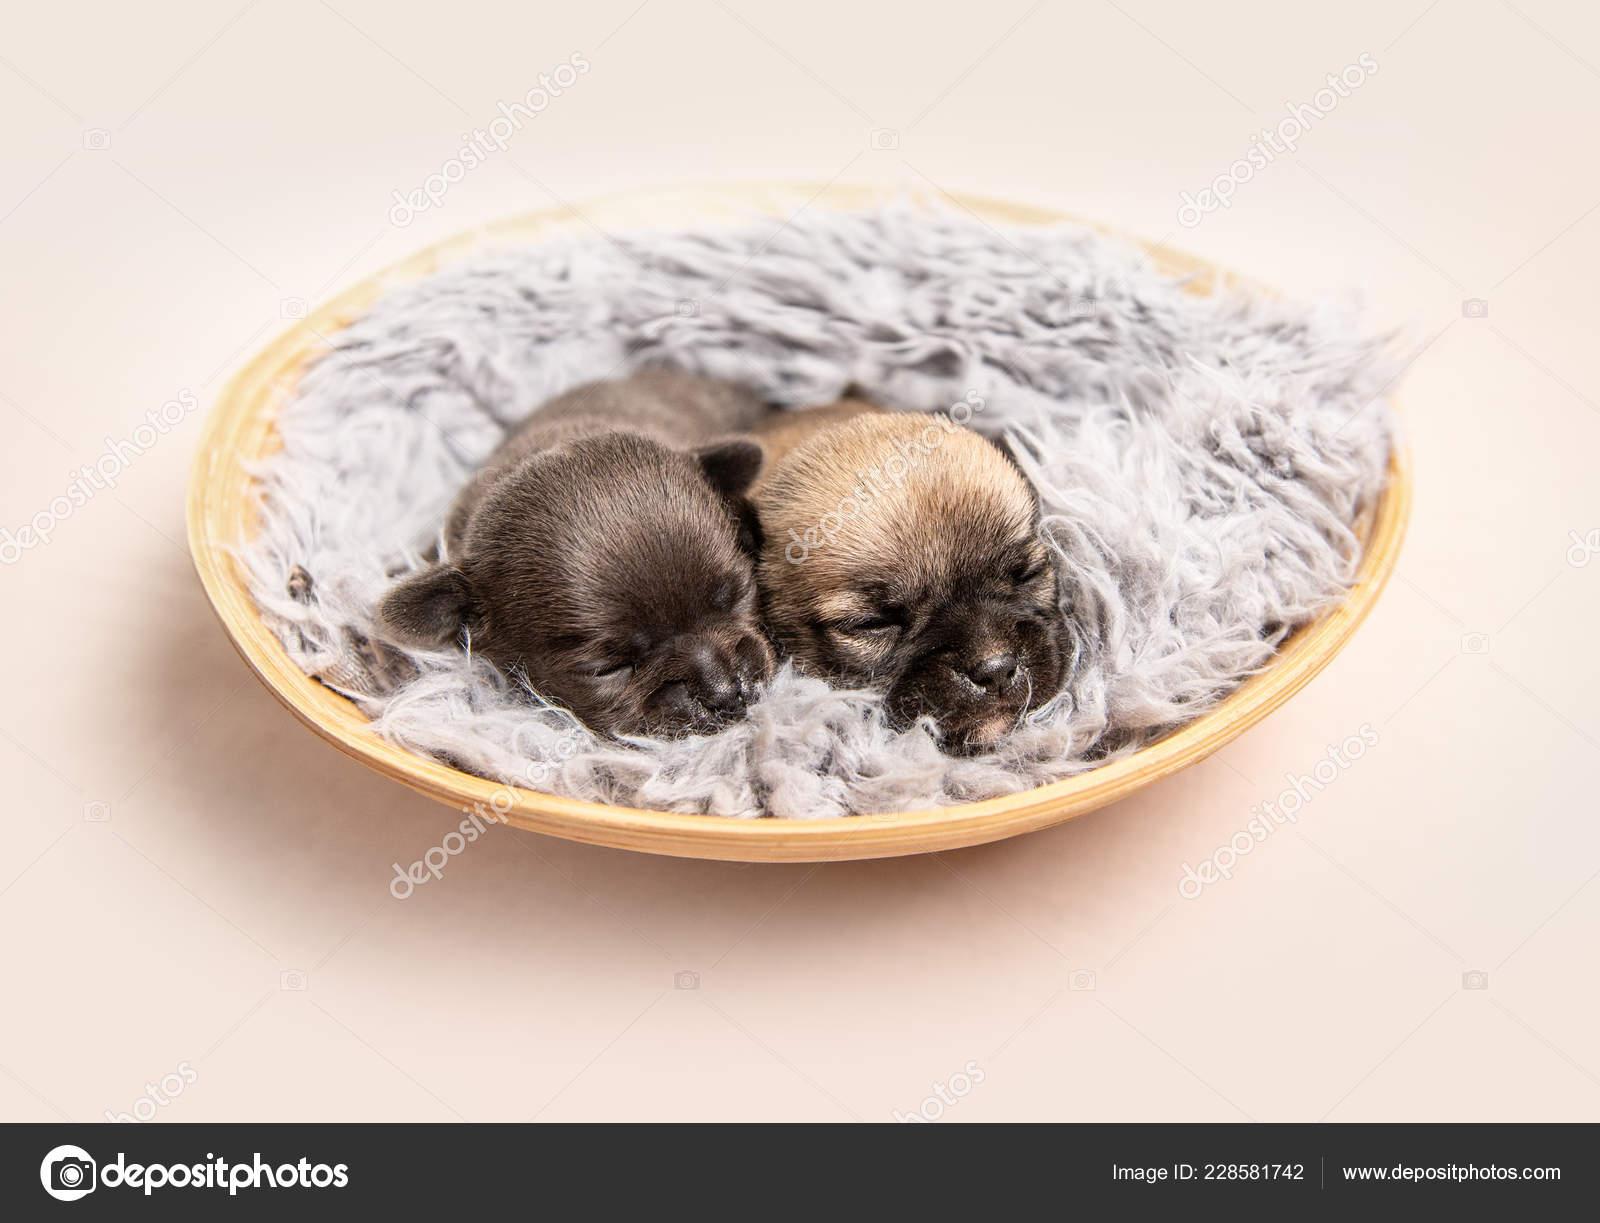 Piccoli Cuccioli Di Razza Chihuahua Sul Copriletto Foto Stock